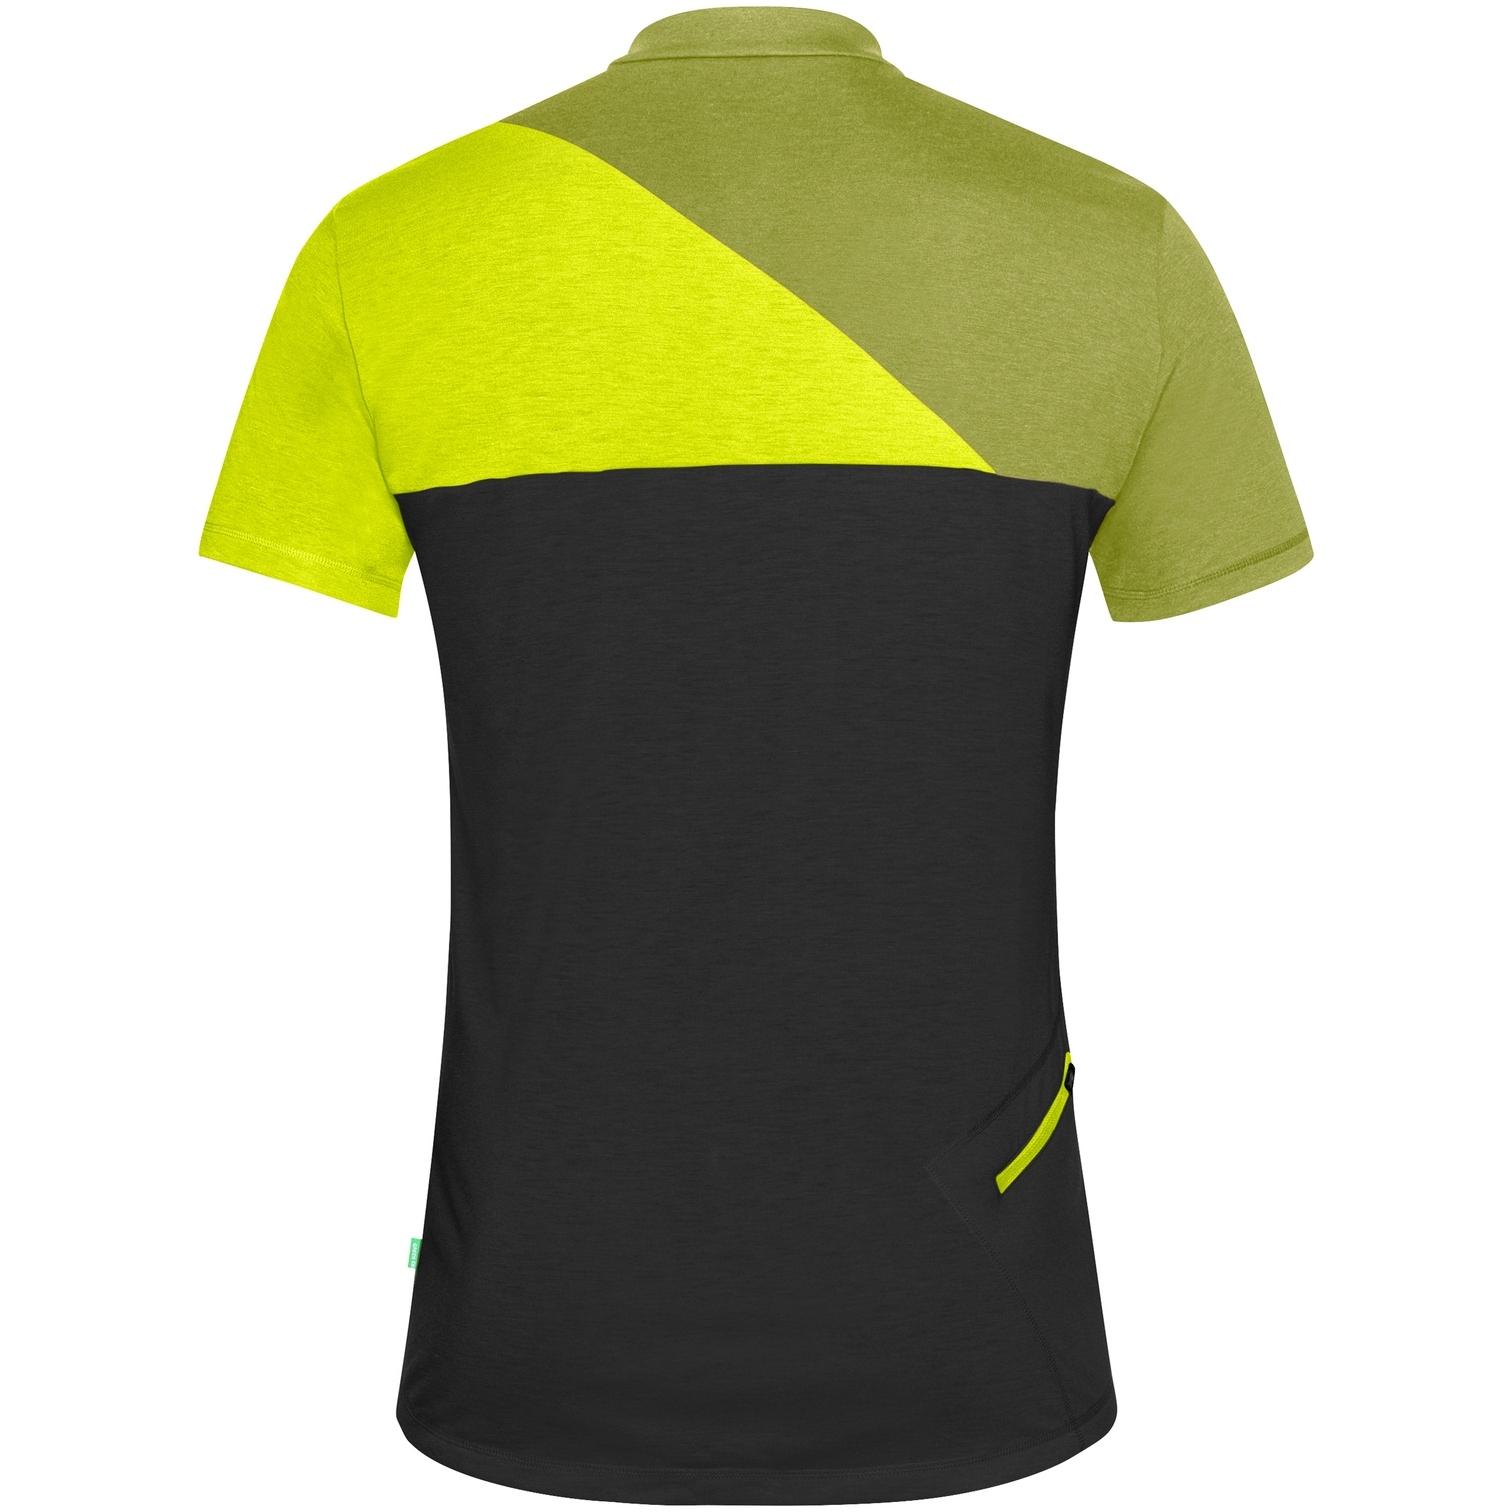 Bild von Vaude Tremalzo Shirt IV - black/green